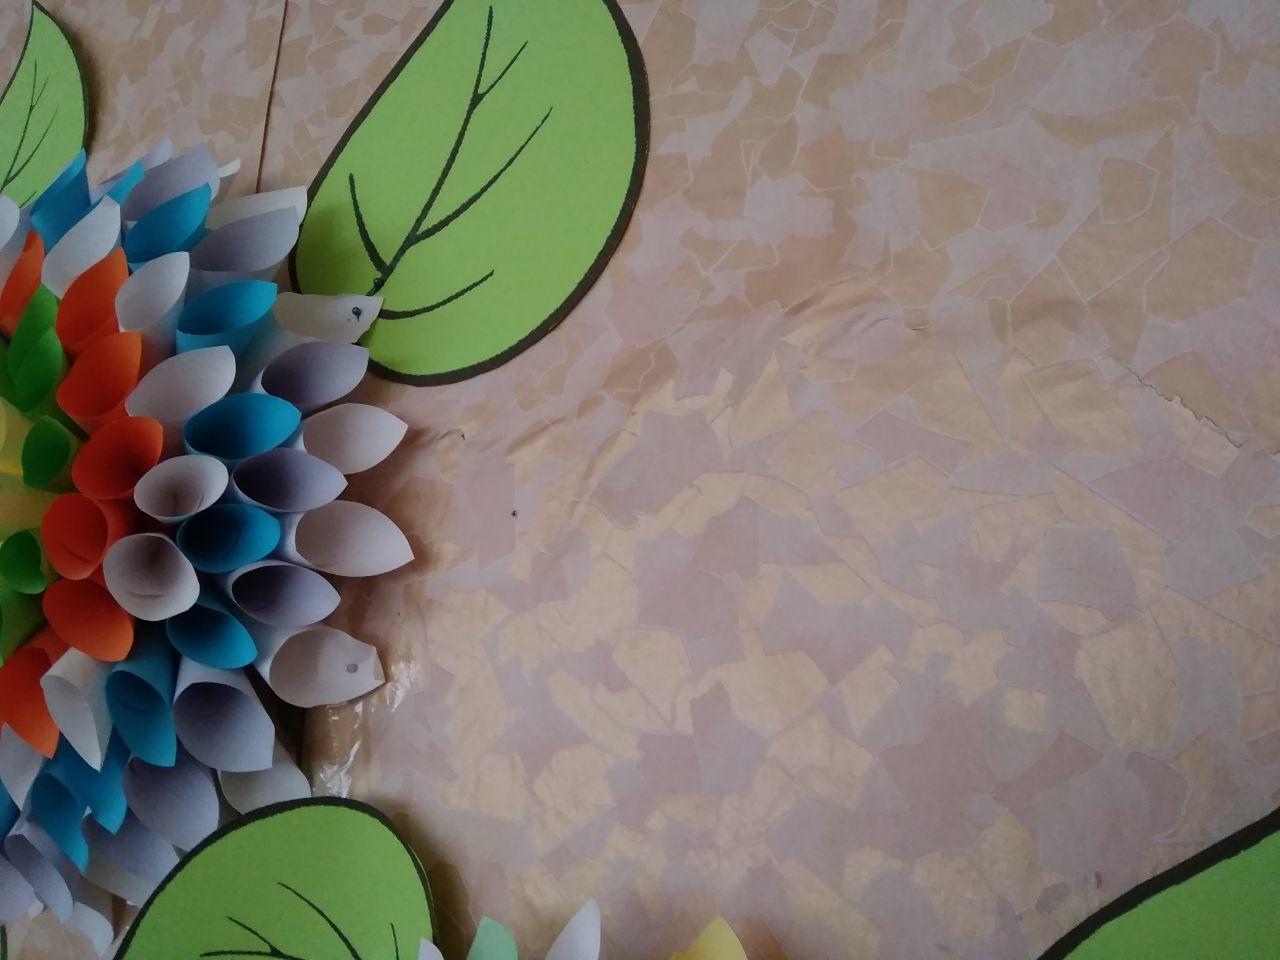 Тріщини маскують аплікаціями: в 56-му дитсадочку Бахмута цієї осені чекають на ремонт